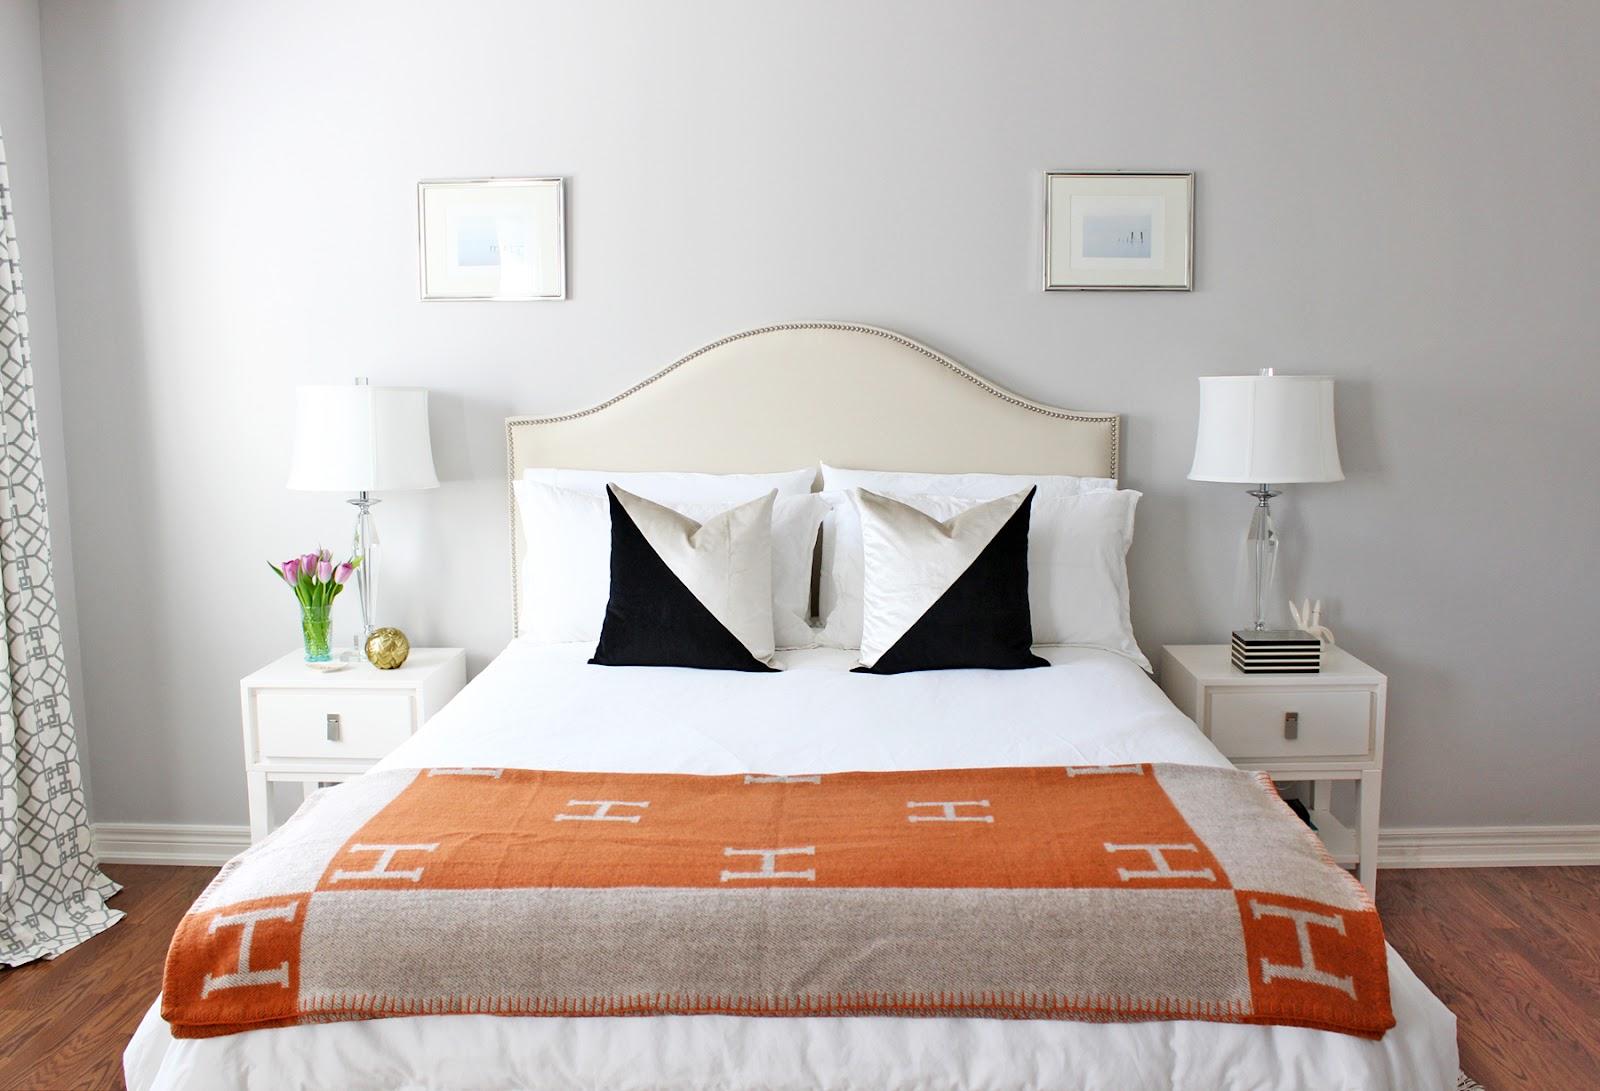 Hermes Blanket Bedroom